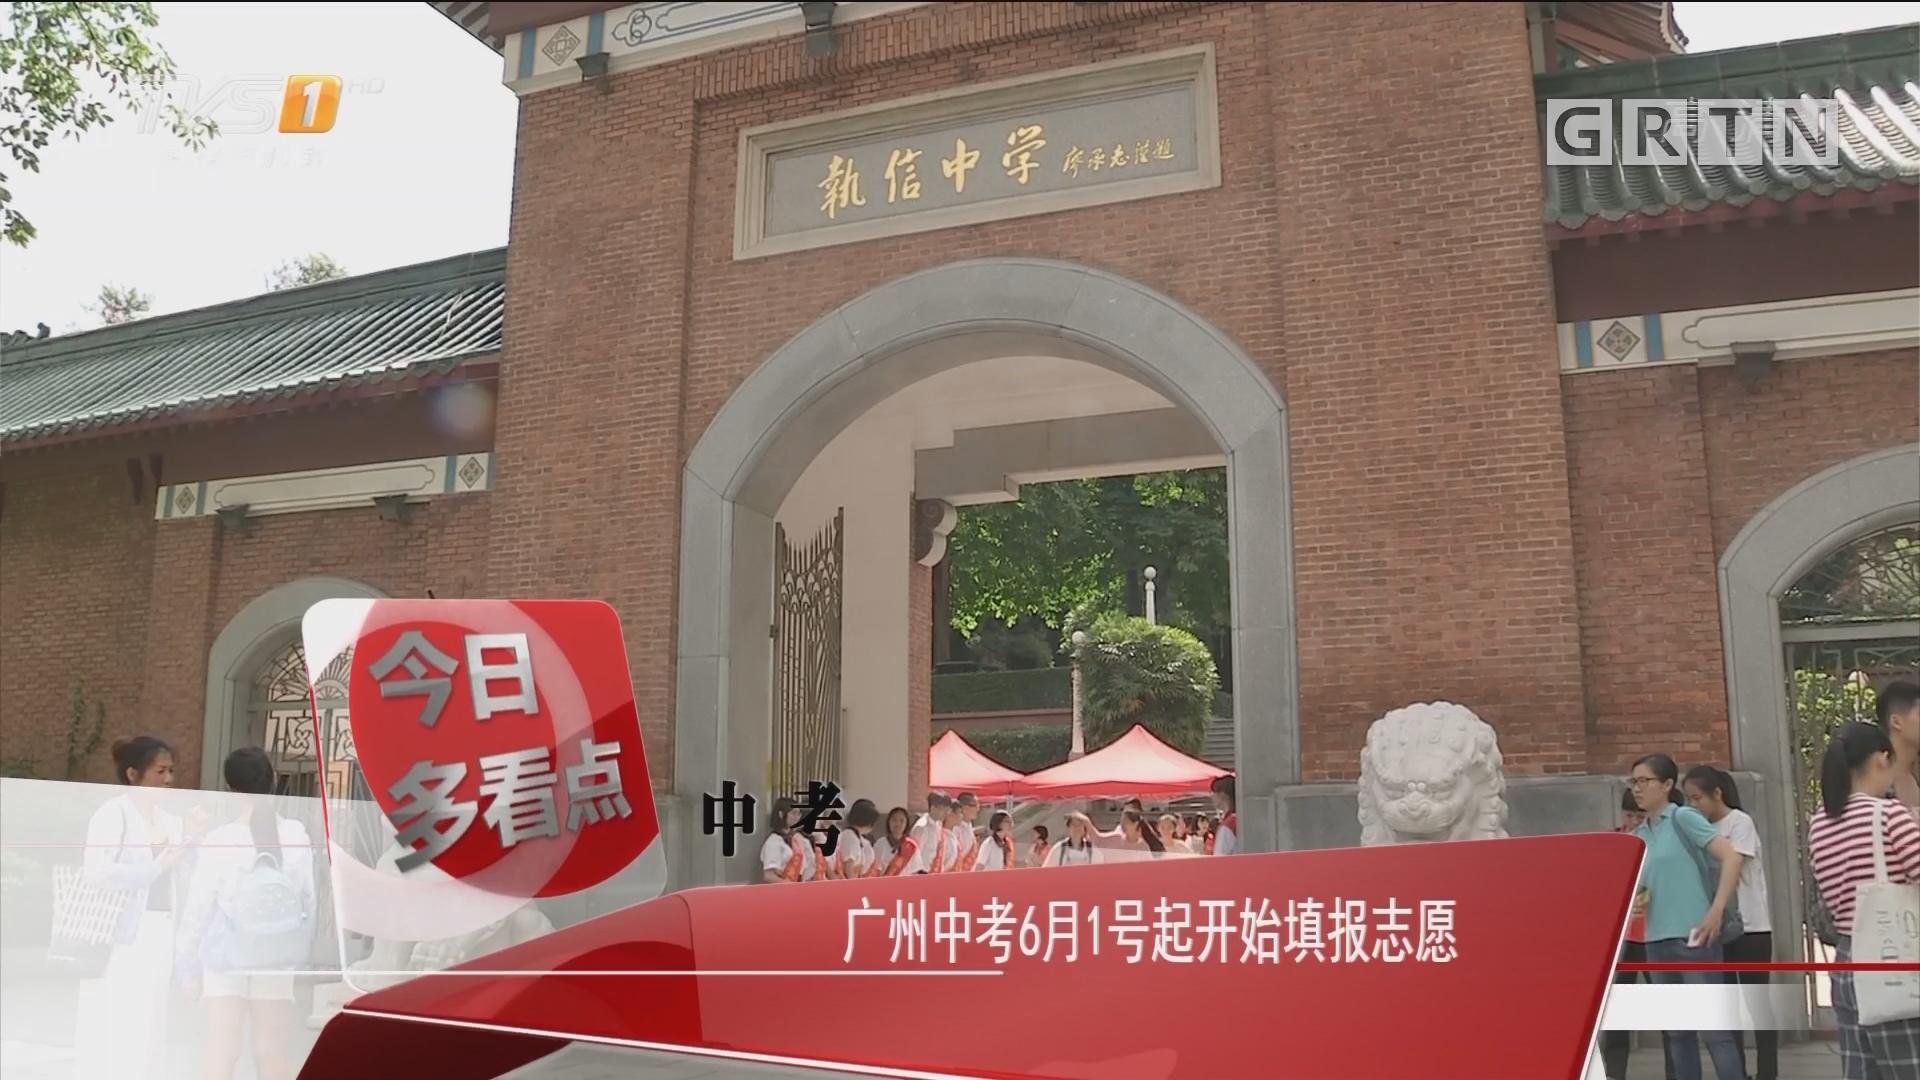 中考:广州中考6月1号起开始填报志愿